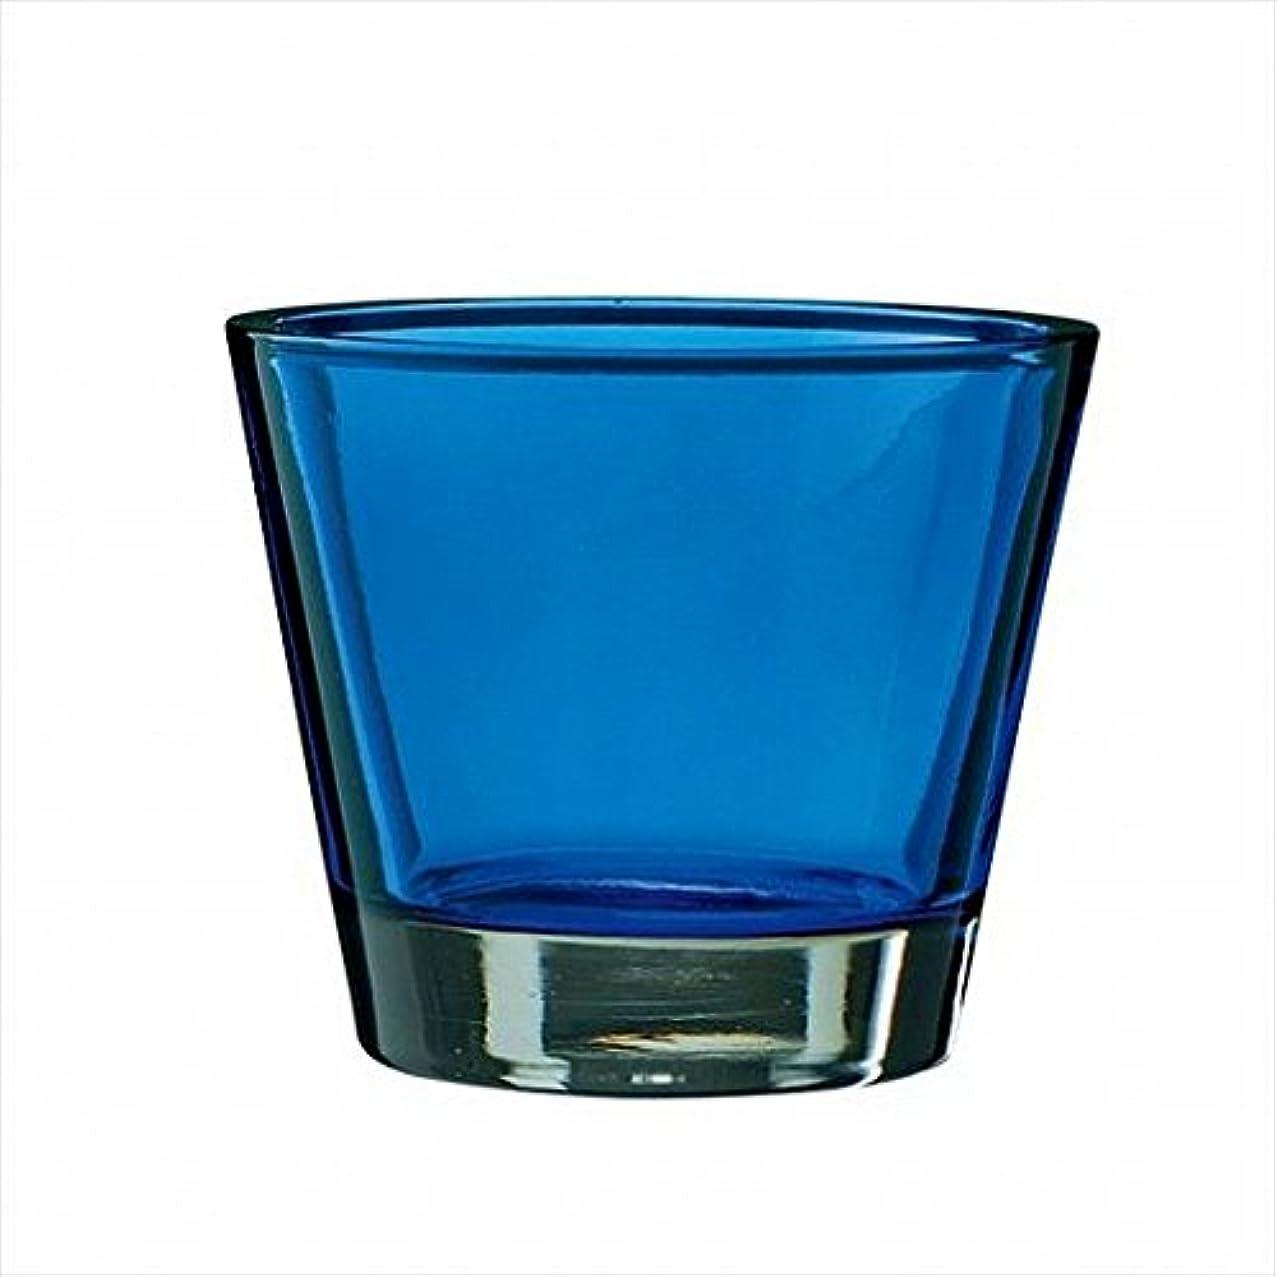 思いやり浮くシールドkameyama candle(カメヤマキャンドル) カラリス 「 ブルー 」 キャンドル 82x82x70mm (J2540000B)